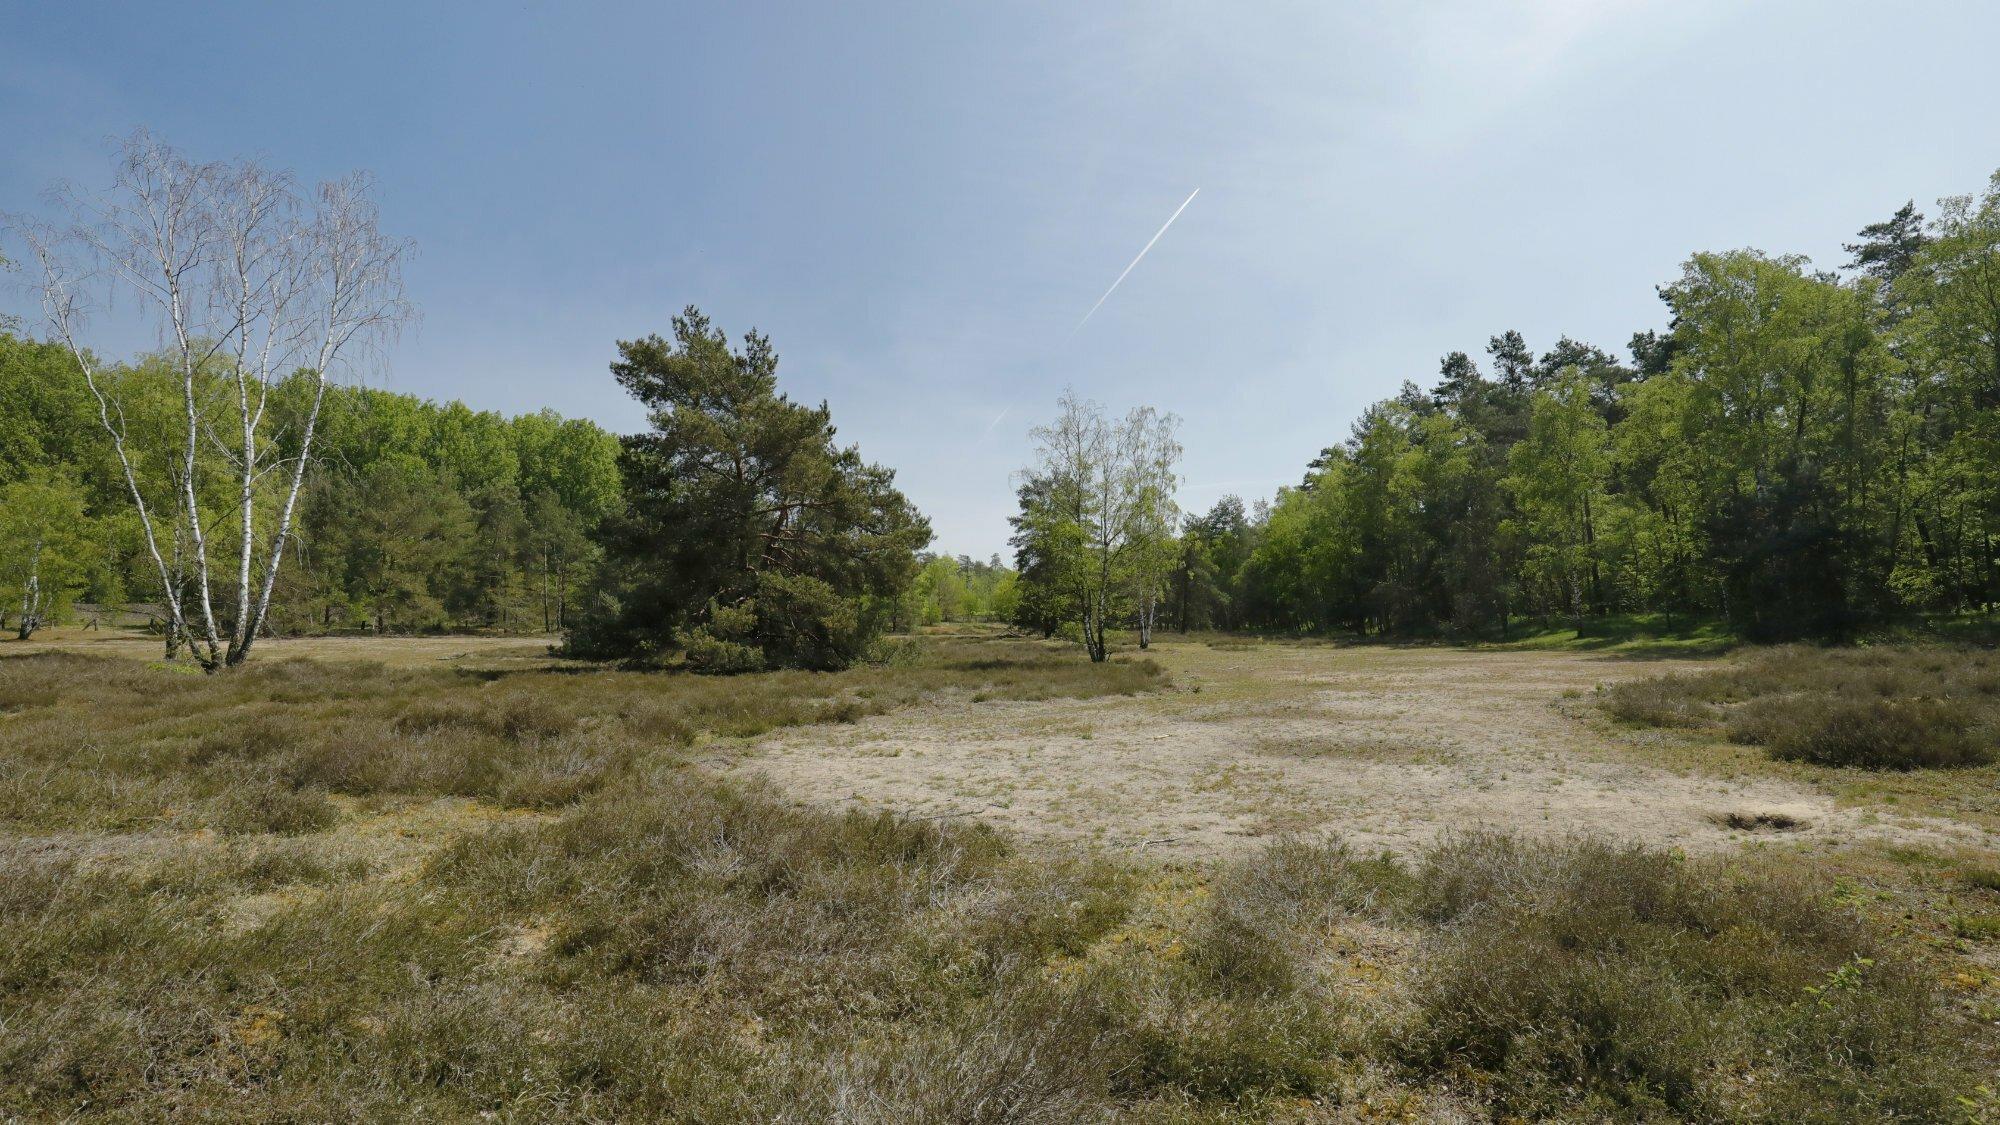 Spärlich bewachsene, trockene Sandfläche, im Hintergrund einzelne Bäume wie Kiefern und Birken, darüber ein blauer Himmel.